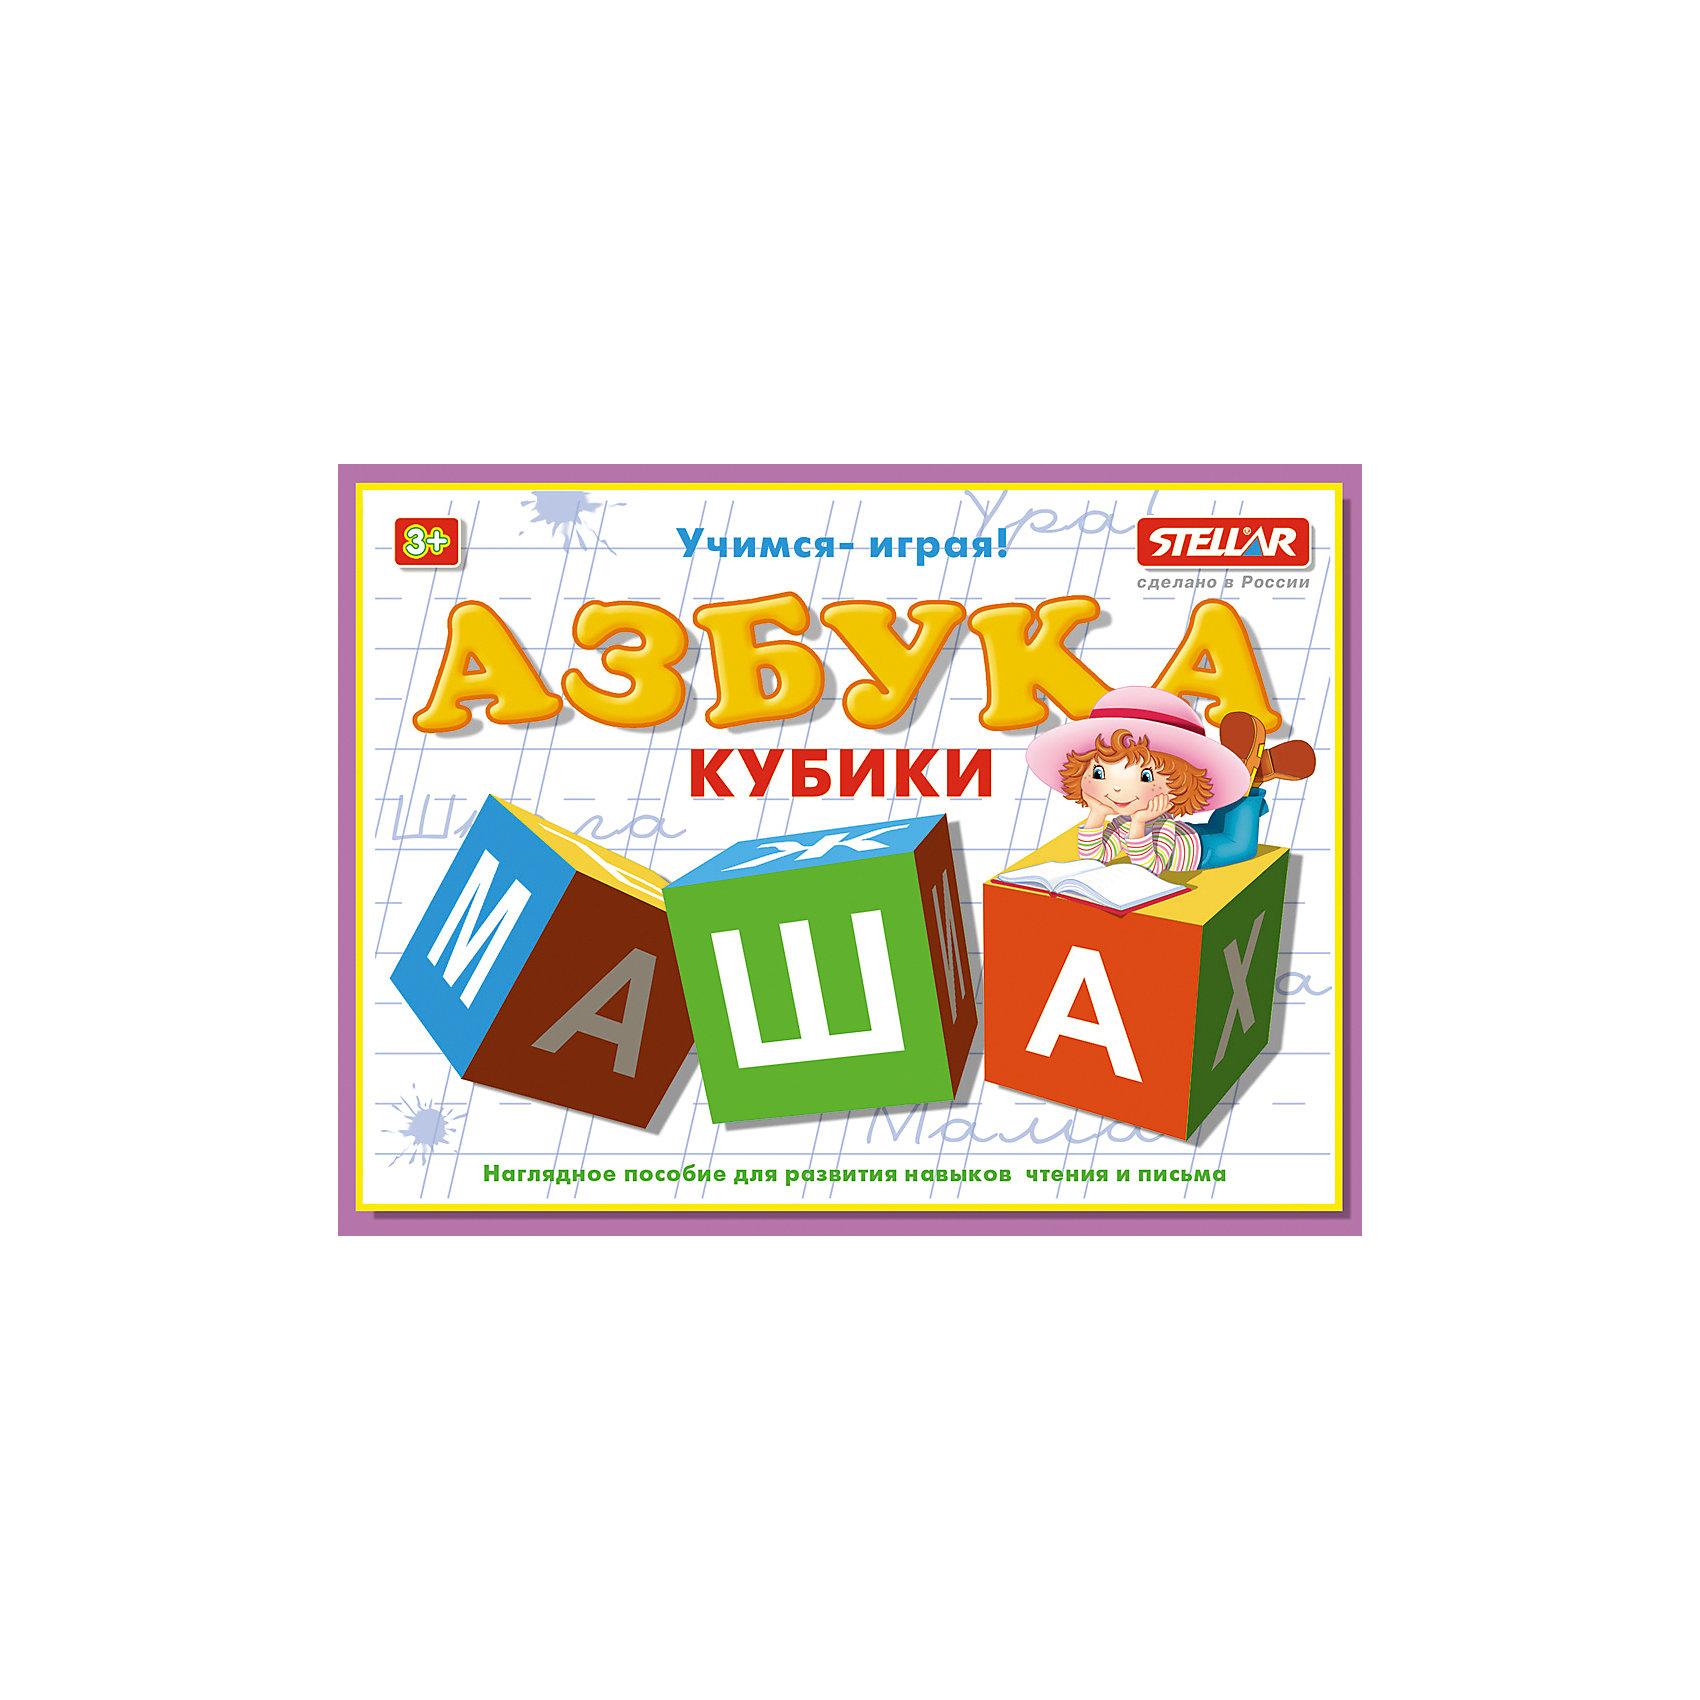 Обучающие кубики Азбука, StellarРазвивающие игрушки<br>Характеристики товара:<br><br>- цвет: разноцветный;<br>- материал: пластик;<br>- количество элементов: 12;<br>- размер: 12x16x4 см.<br><br>Кубики могут не только развлекать малыша, но и помогать его всестороннему развитию. Этот набор предназначен для формирования разных навыков, он помогает развить тактильное восприятие, мелкую моторику, воображение, цветовосприятие, внимание и логику. Также кубики помогут малышу познакомится с алфавитом - на них изображены яркие крупные буквы.<br>Изделие представляет собой набор: из 12 кубиков (на каждой грани - по букве), из которых можно сделать разные конструкции. С такой игрушкой детям очень нравится проводить время! Изделие произведено из качественных материалов, безопасных для ребенка.<br><br>Обучающие кубики Азбука от бренда Stellar можно купить в нашем интернет-магазине.<br><br>Ширина мм: 160<br>Глубина мм: 120<br>Высота мм: 40<br>Вес г: 121<br>Возраст от месяцев: 36<br>Возраст до месяцев: 2147483647<br>Пол: Унисекс<br>Возраст: Детский<br>SKU: 5079940